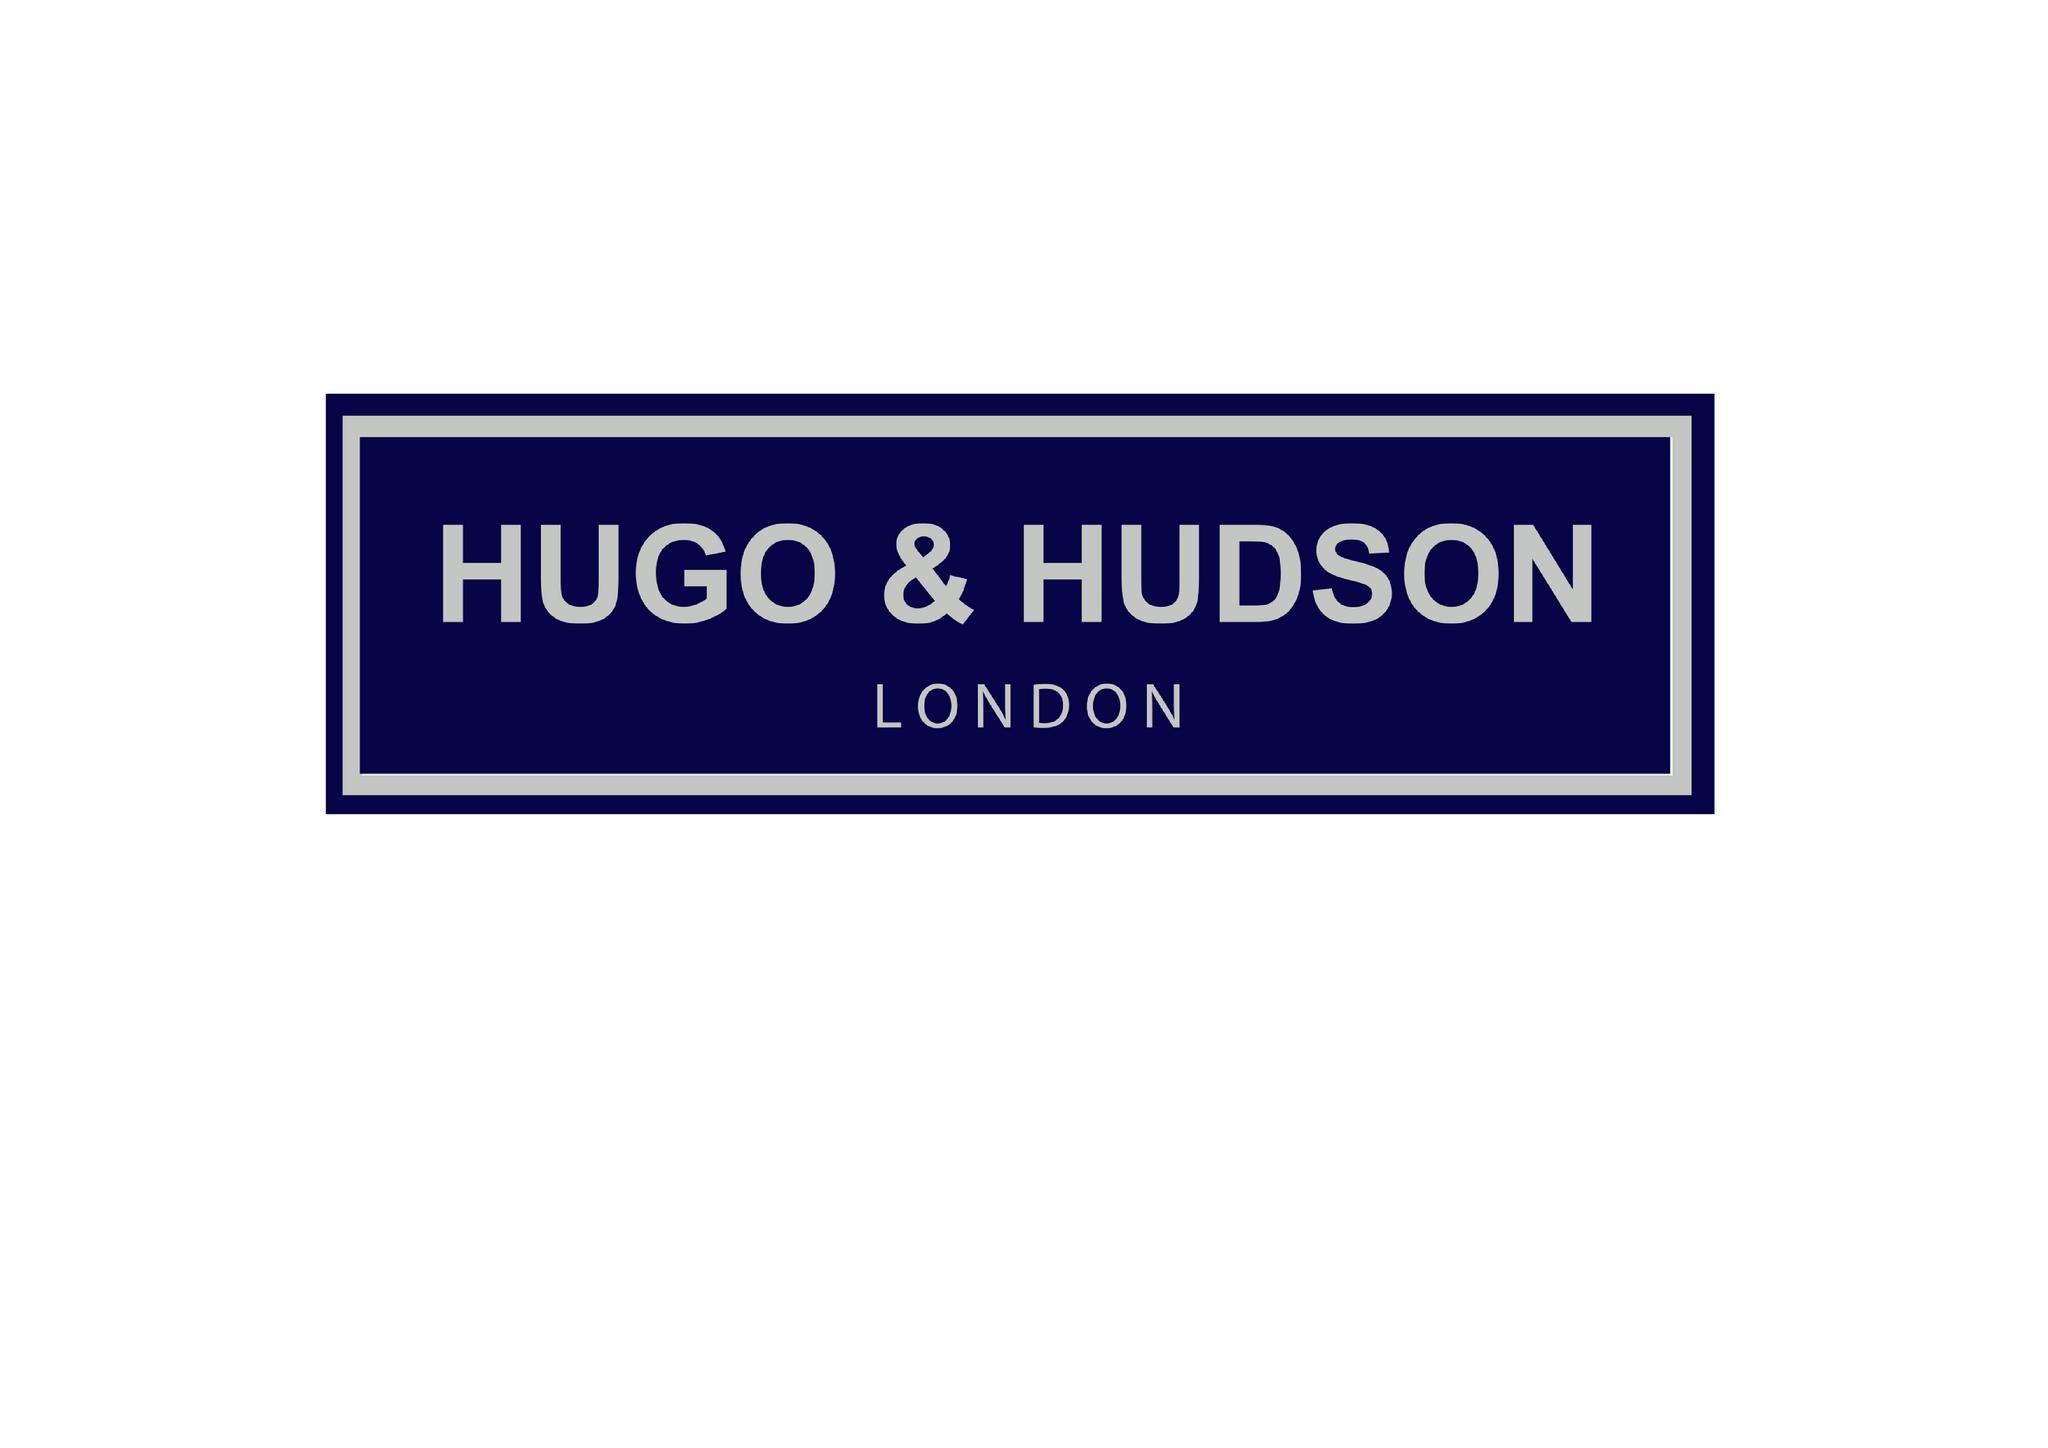 Hugo & Hudson